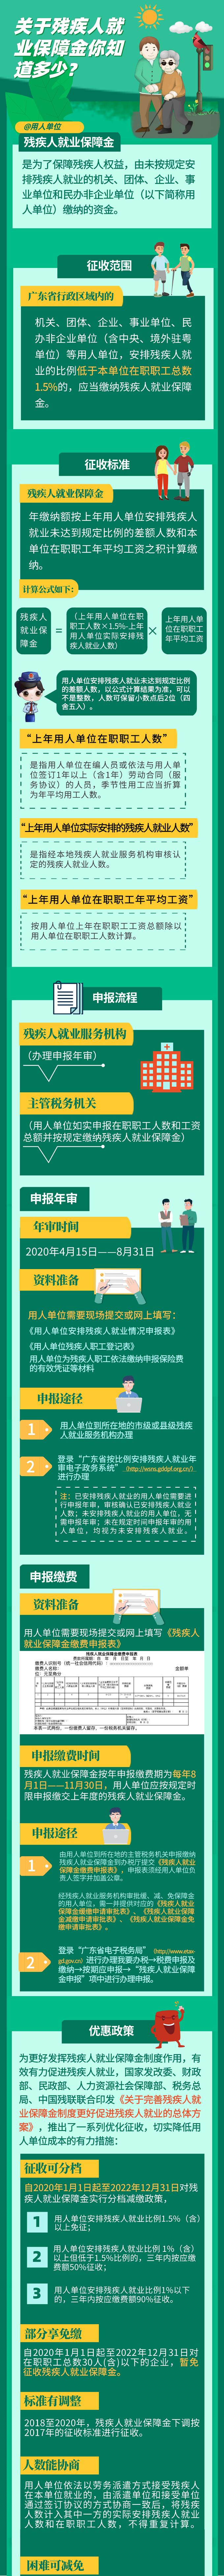 2020年广东税务发布关于残疾人就业保障金您知道多少?赶紧点进来了解一下吧!插图(1)